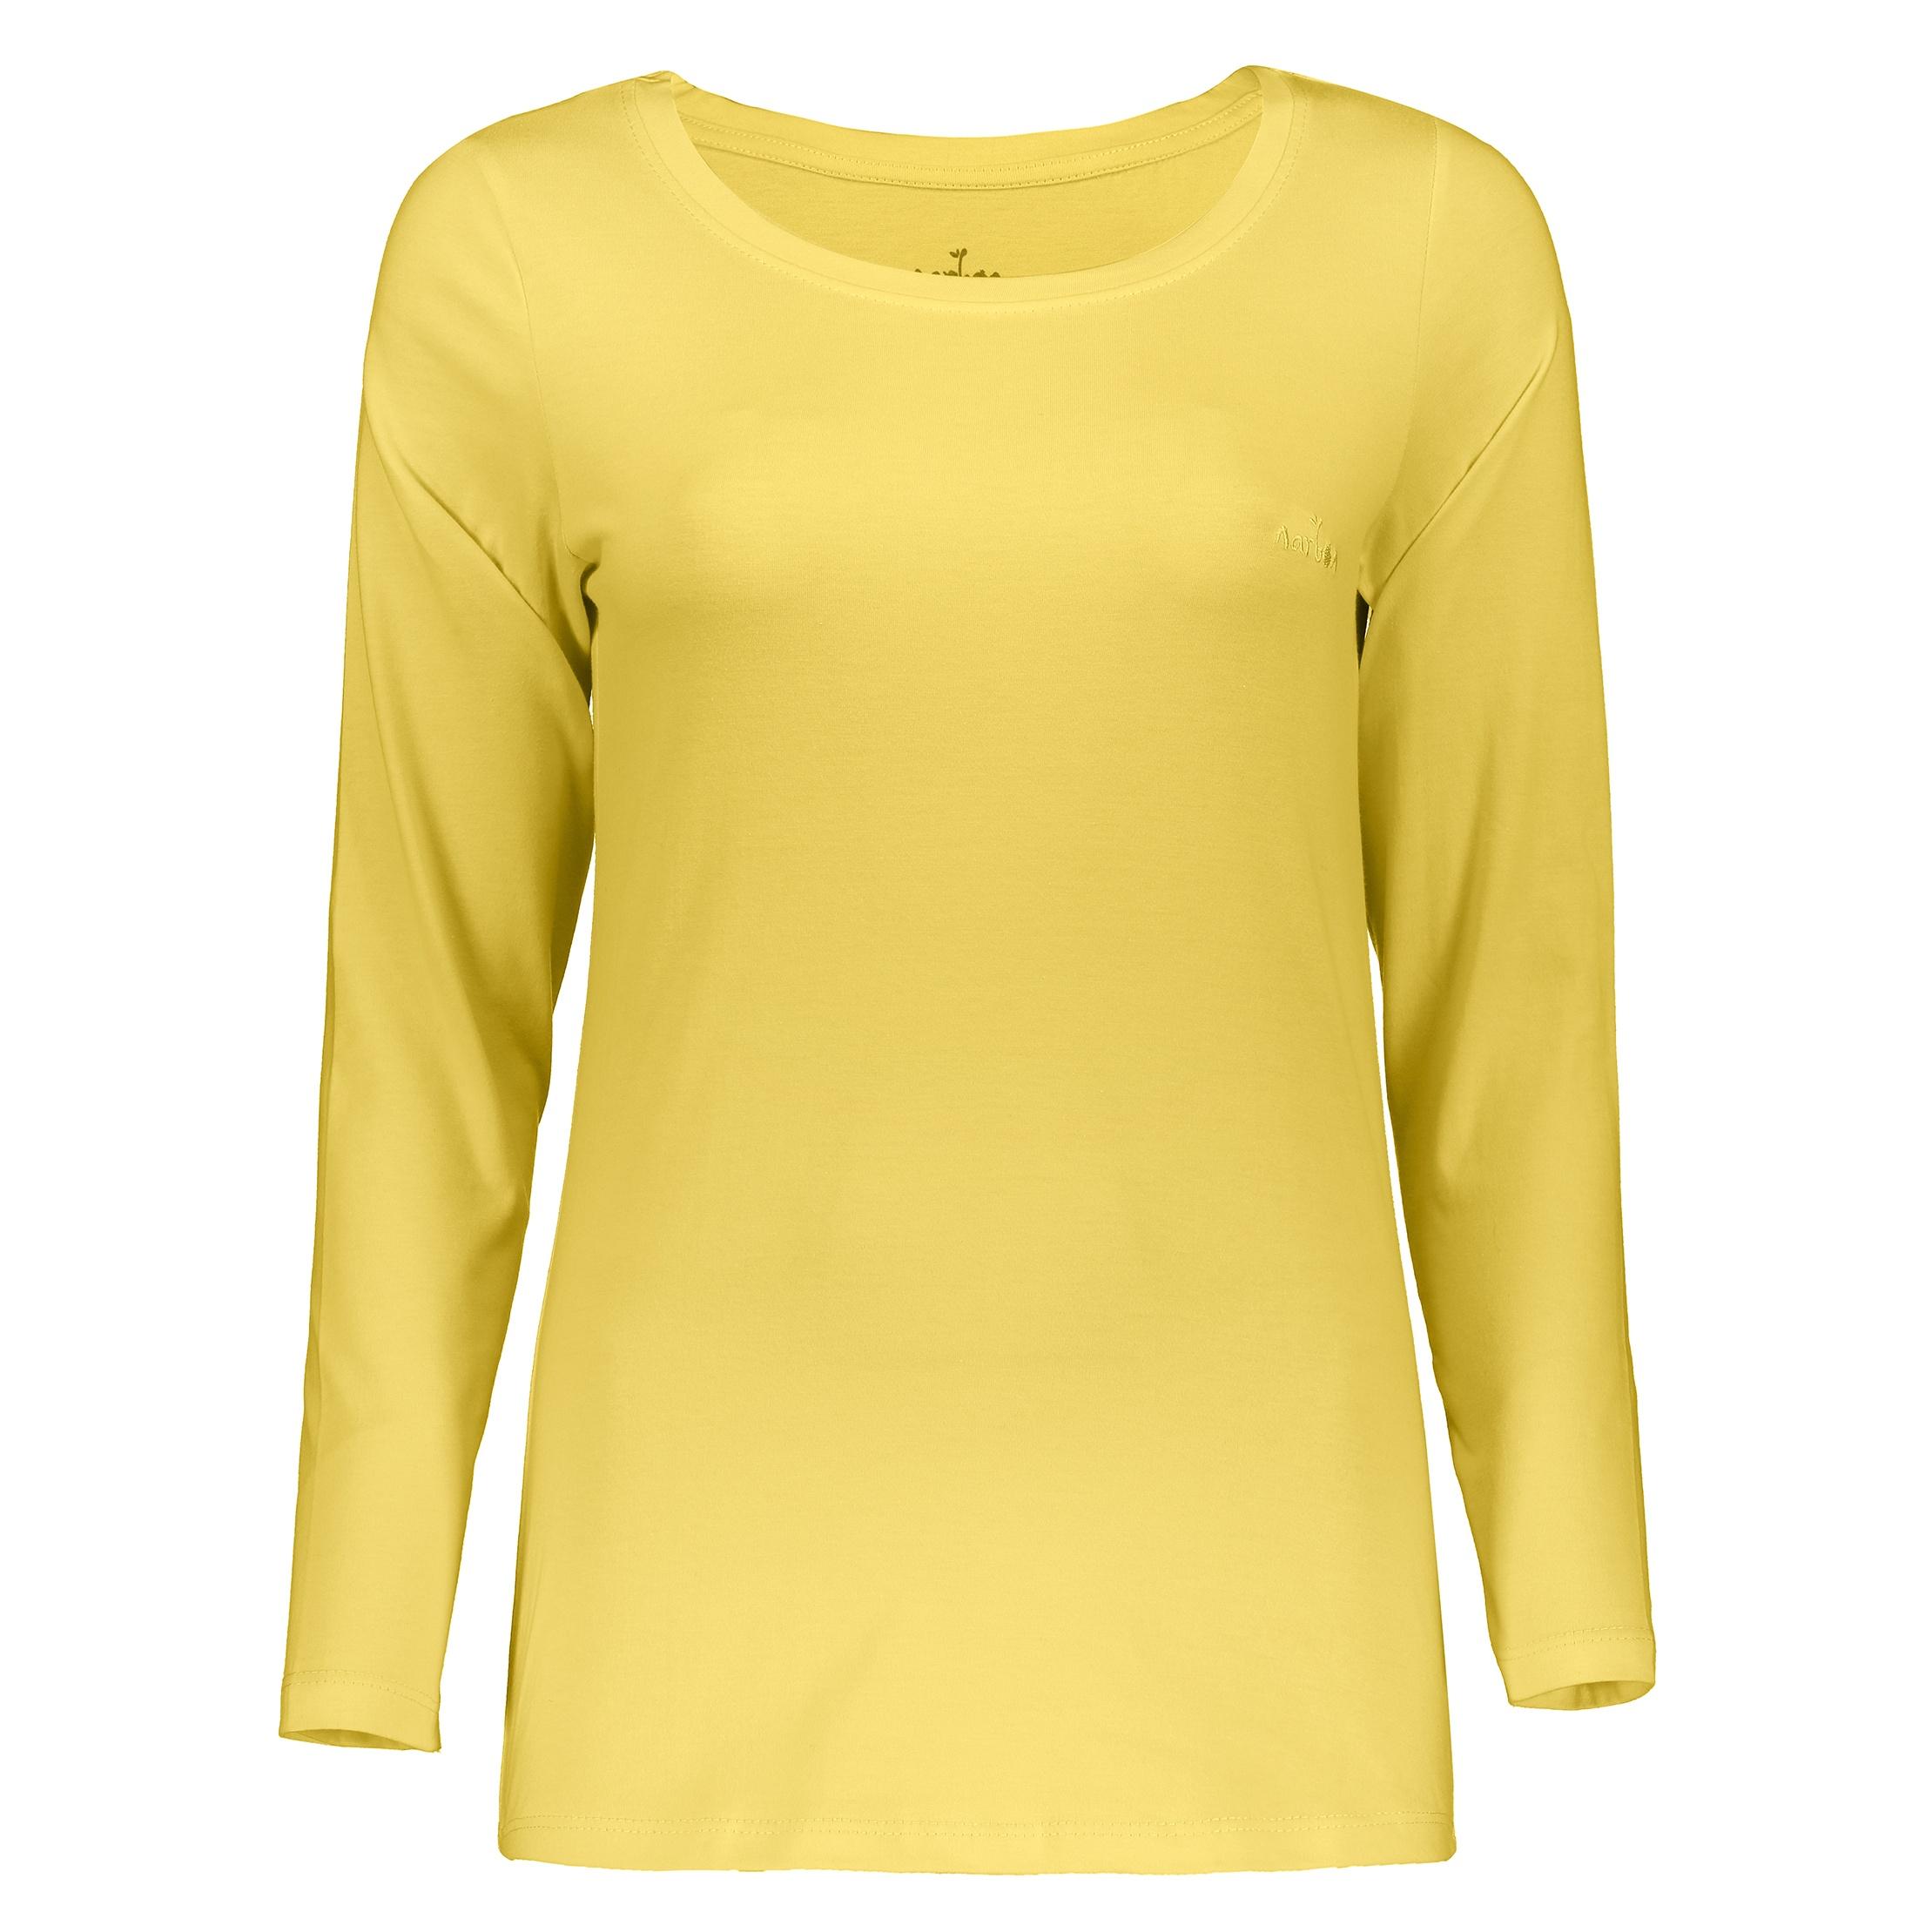 تی شرت زنانه ناربن مدل 1521156-16